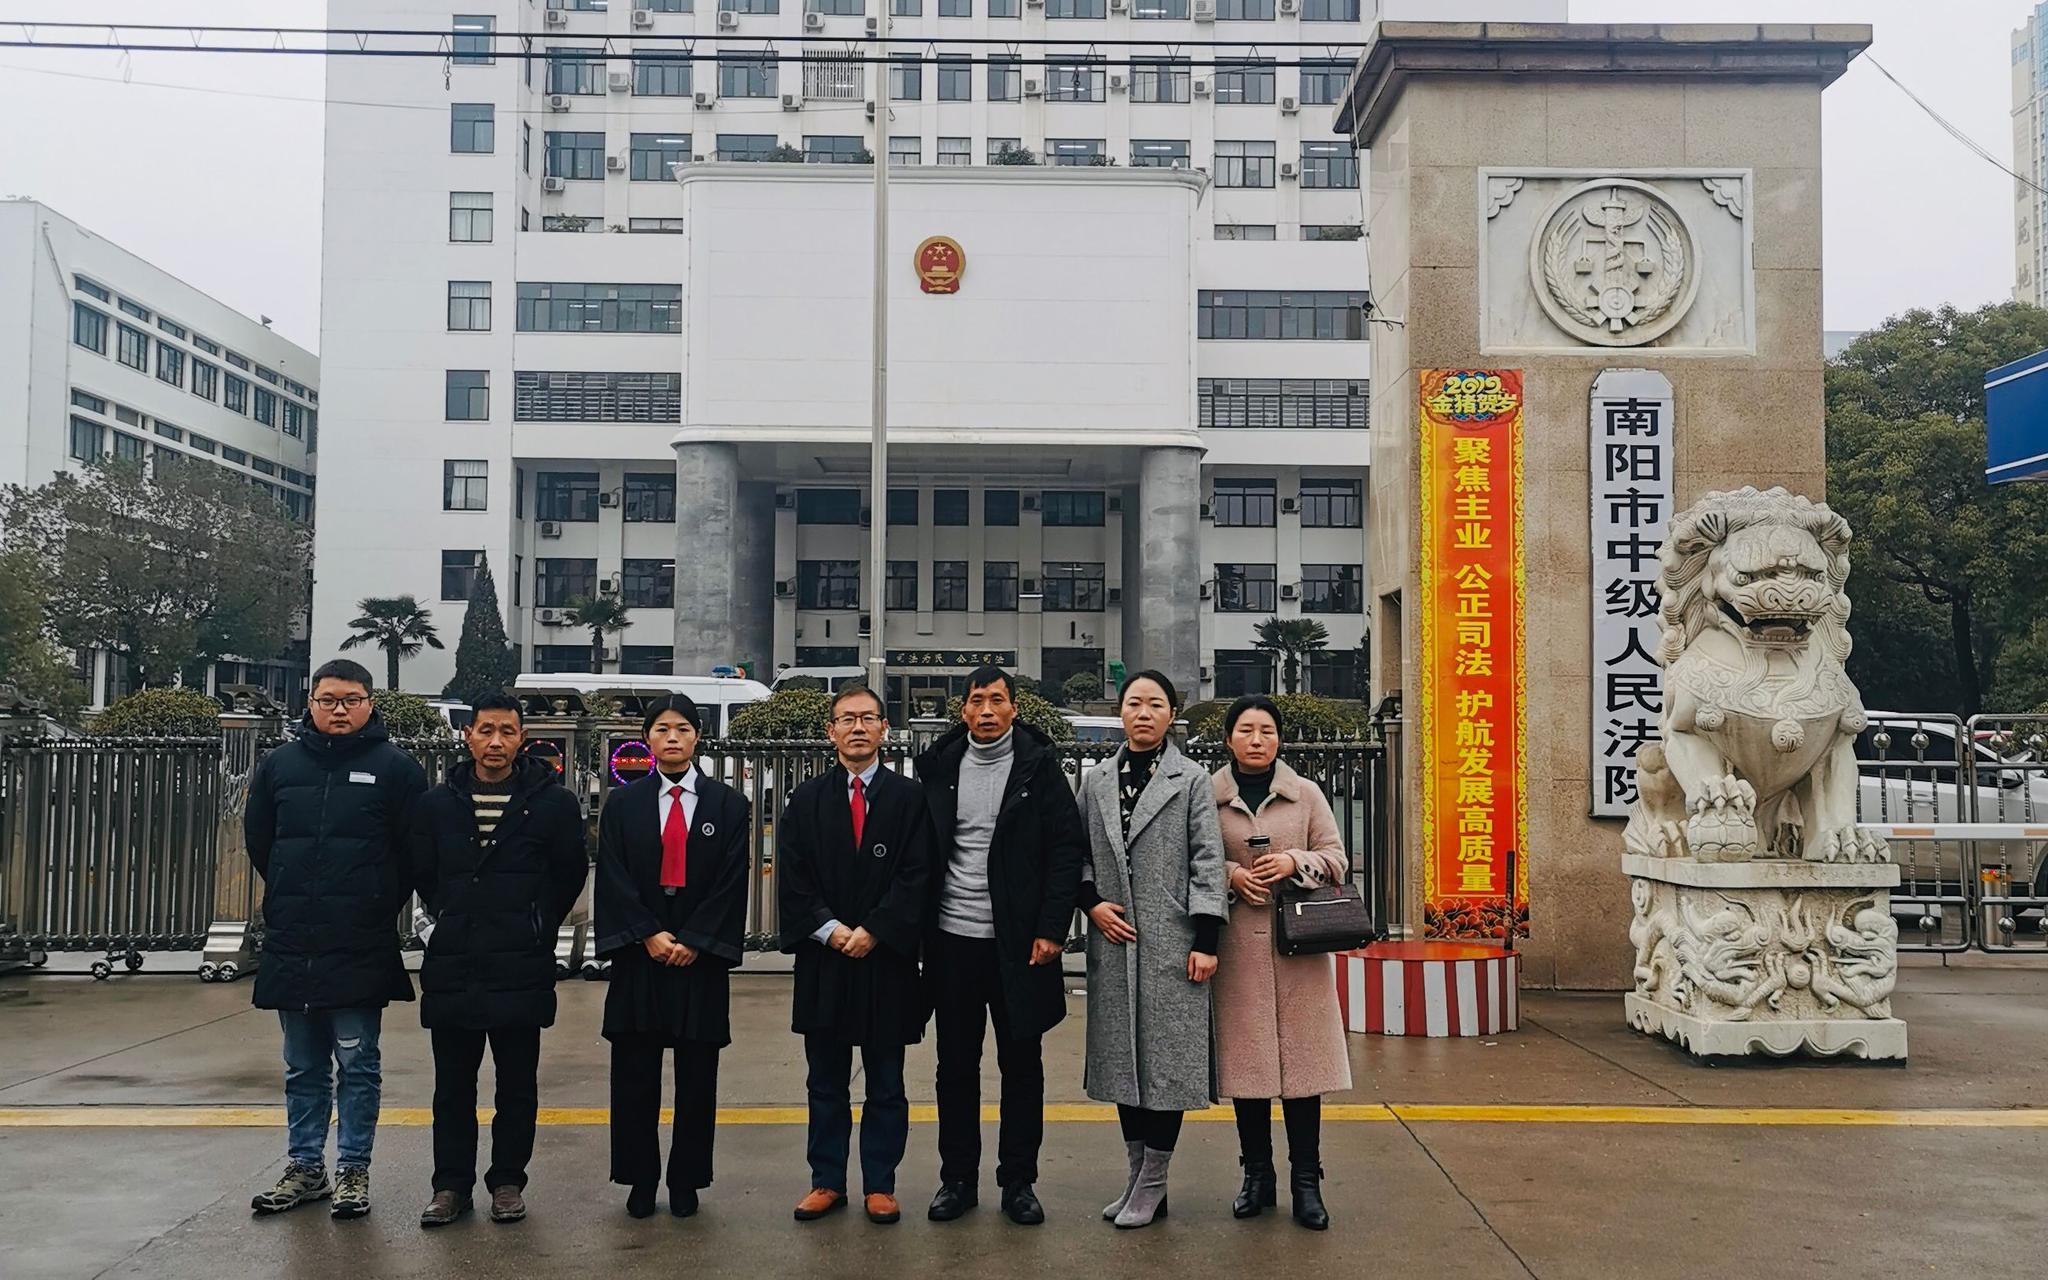 中国天然气:林雨洋辞任董秘因其找到酬金更高工作